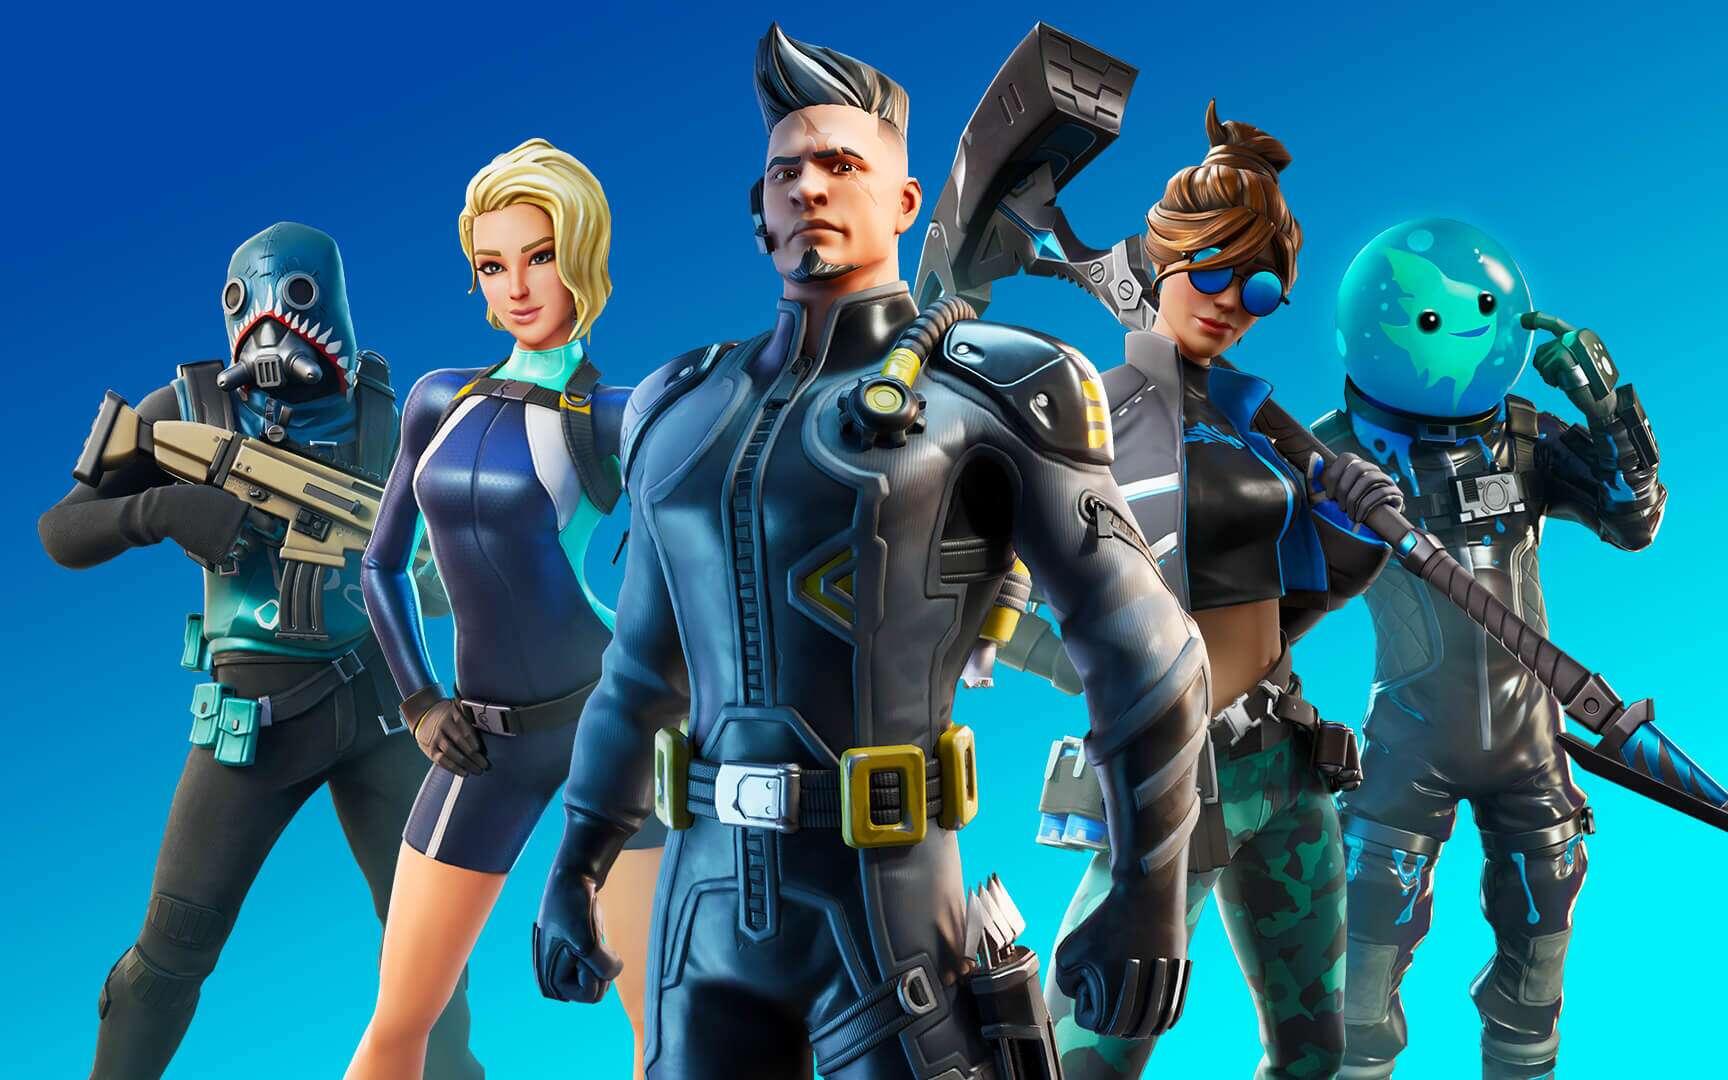 Le jeu-service (game as a service en anglais ou GAAS) révolutionne l'industrie du jeu vidéo. © Epic Games